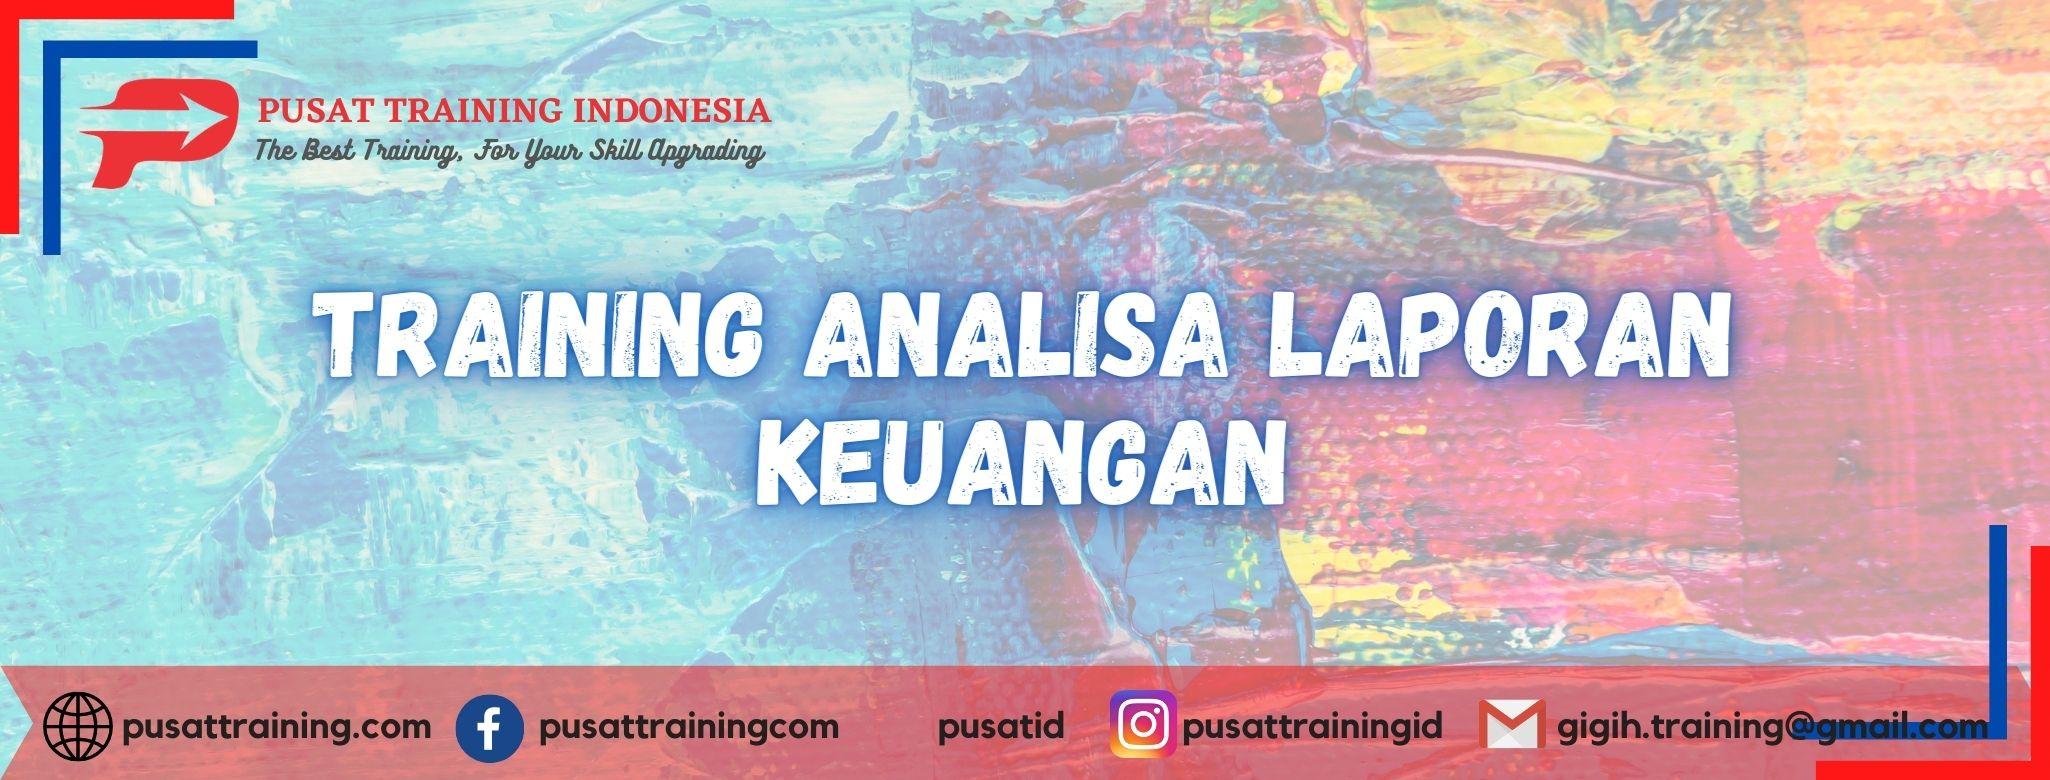 Training-Analisa-Laporan-Keuangan